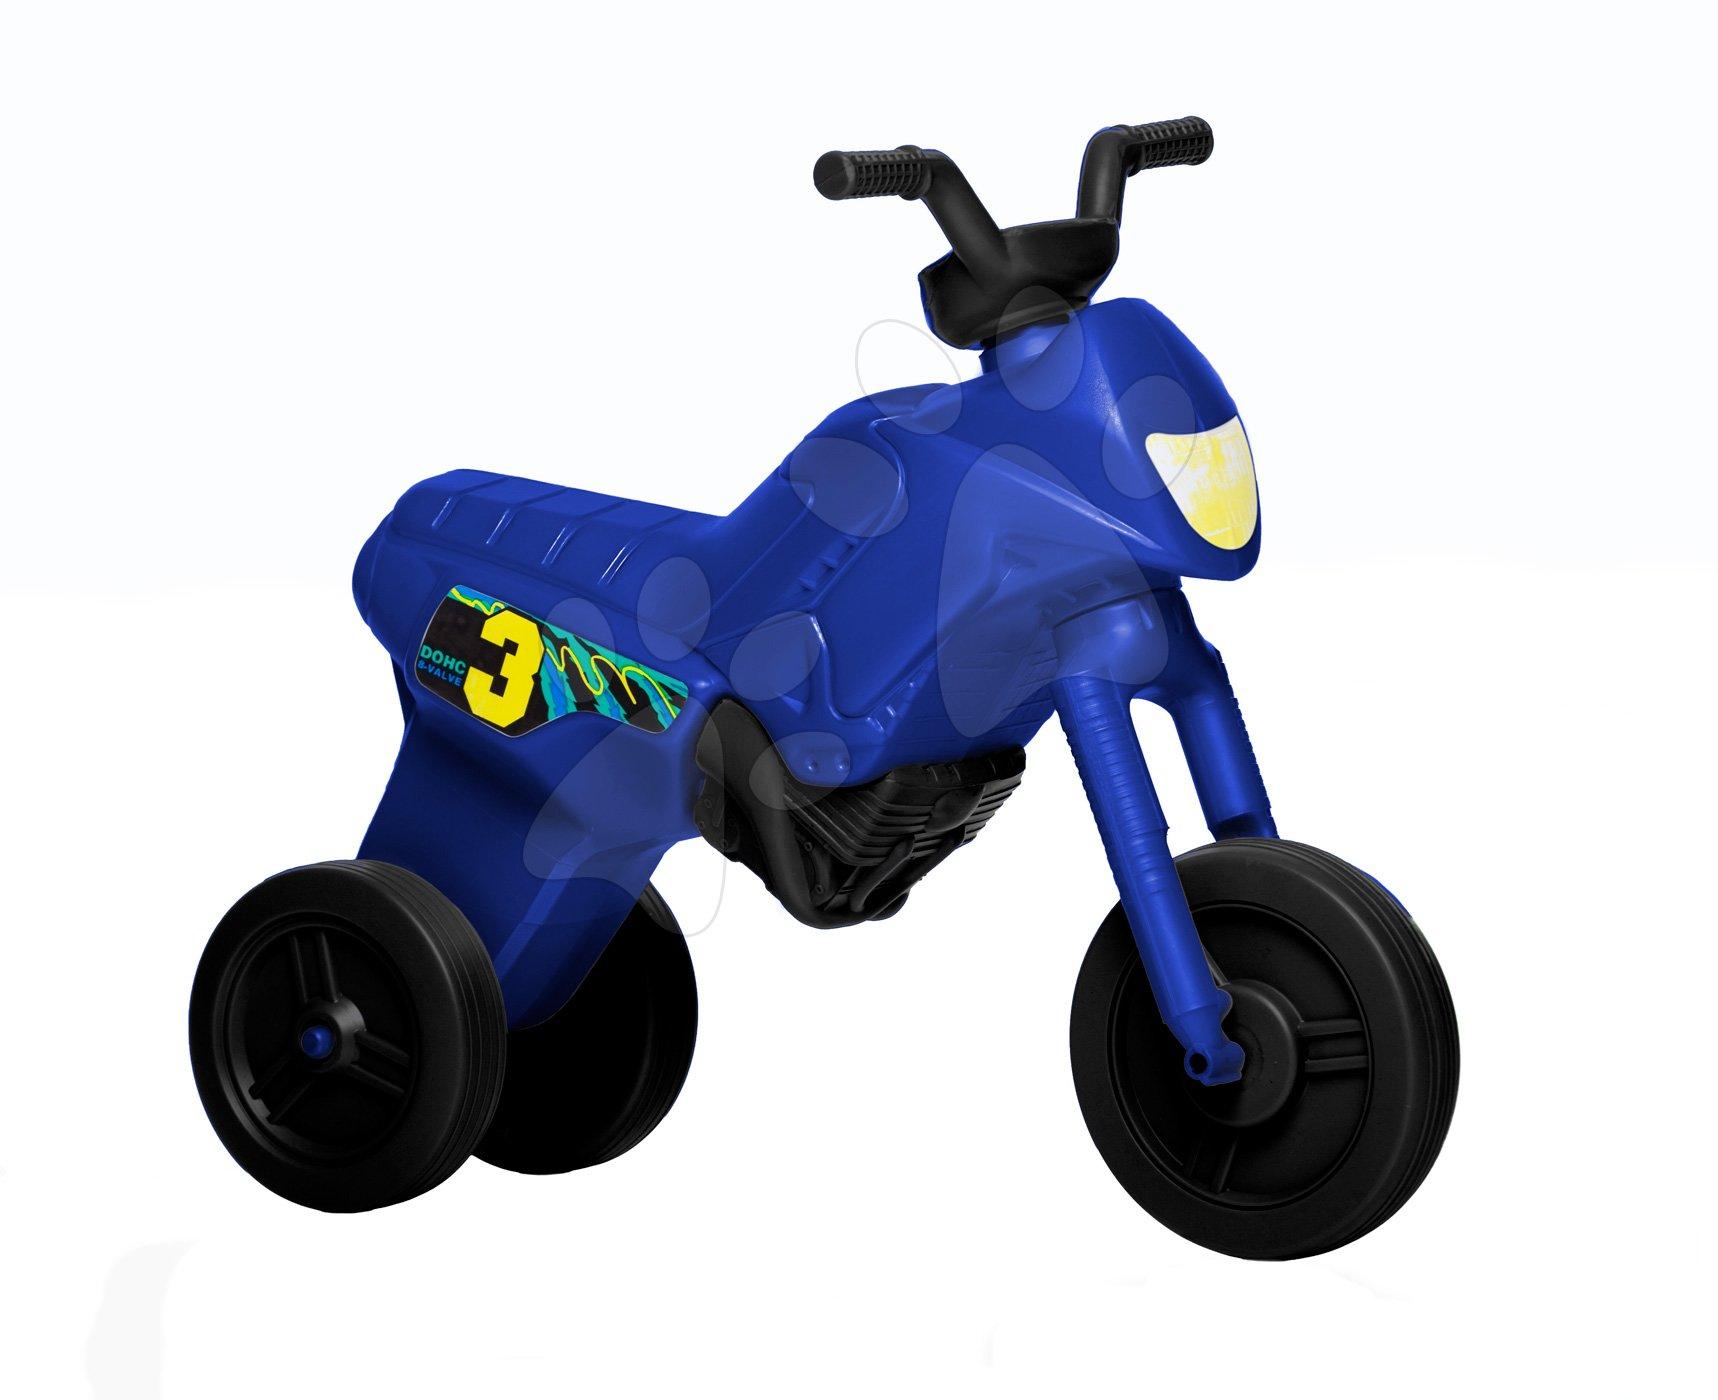 Motorky - Odrážedlo Enduro malé modré od 18 měsíců